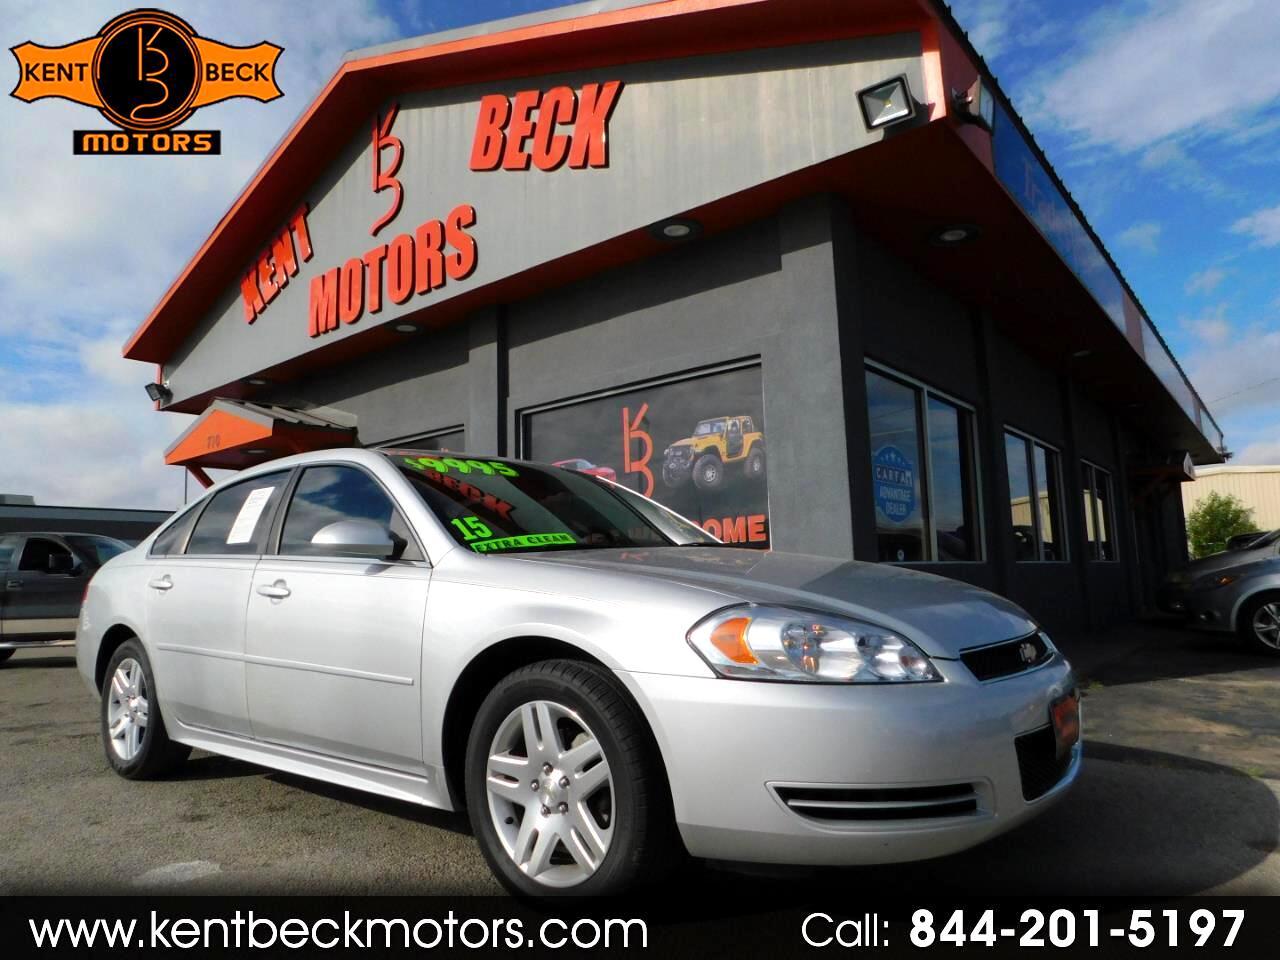 Used Cars Abilene Tx >> Used Cars For Sale Abilene Tx 79605 Kent Beck Motors